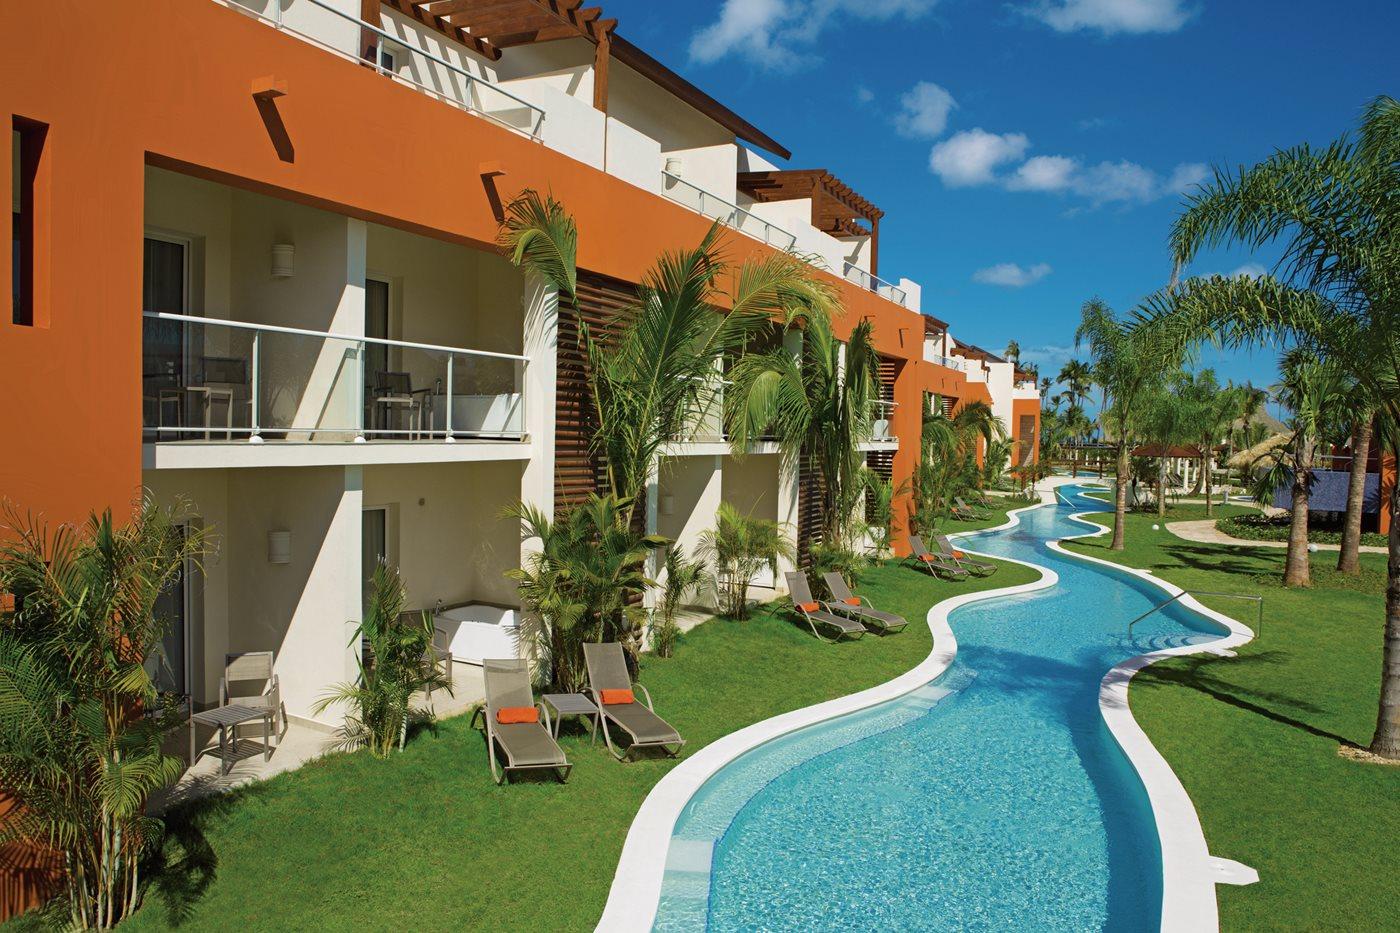 5 hôtels en République dominicaine